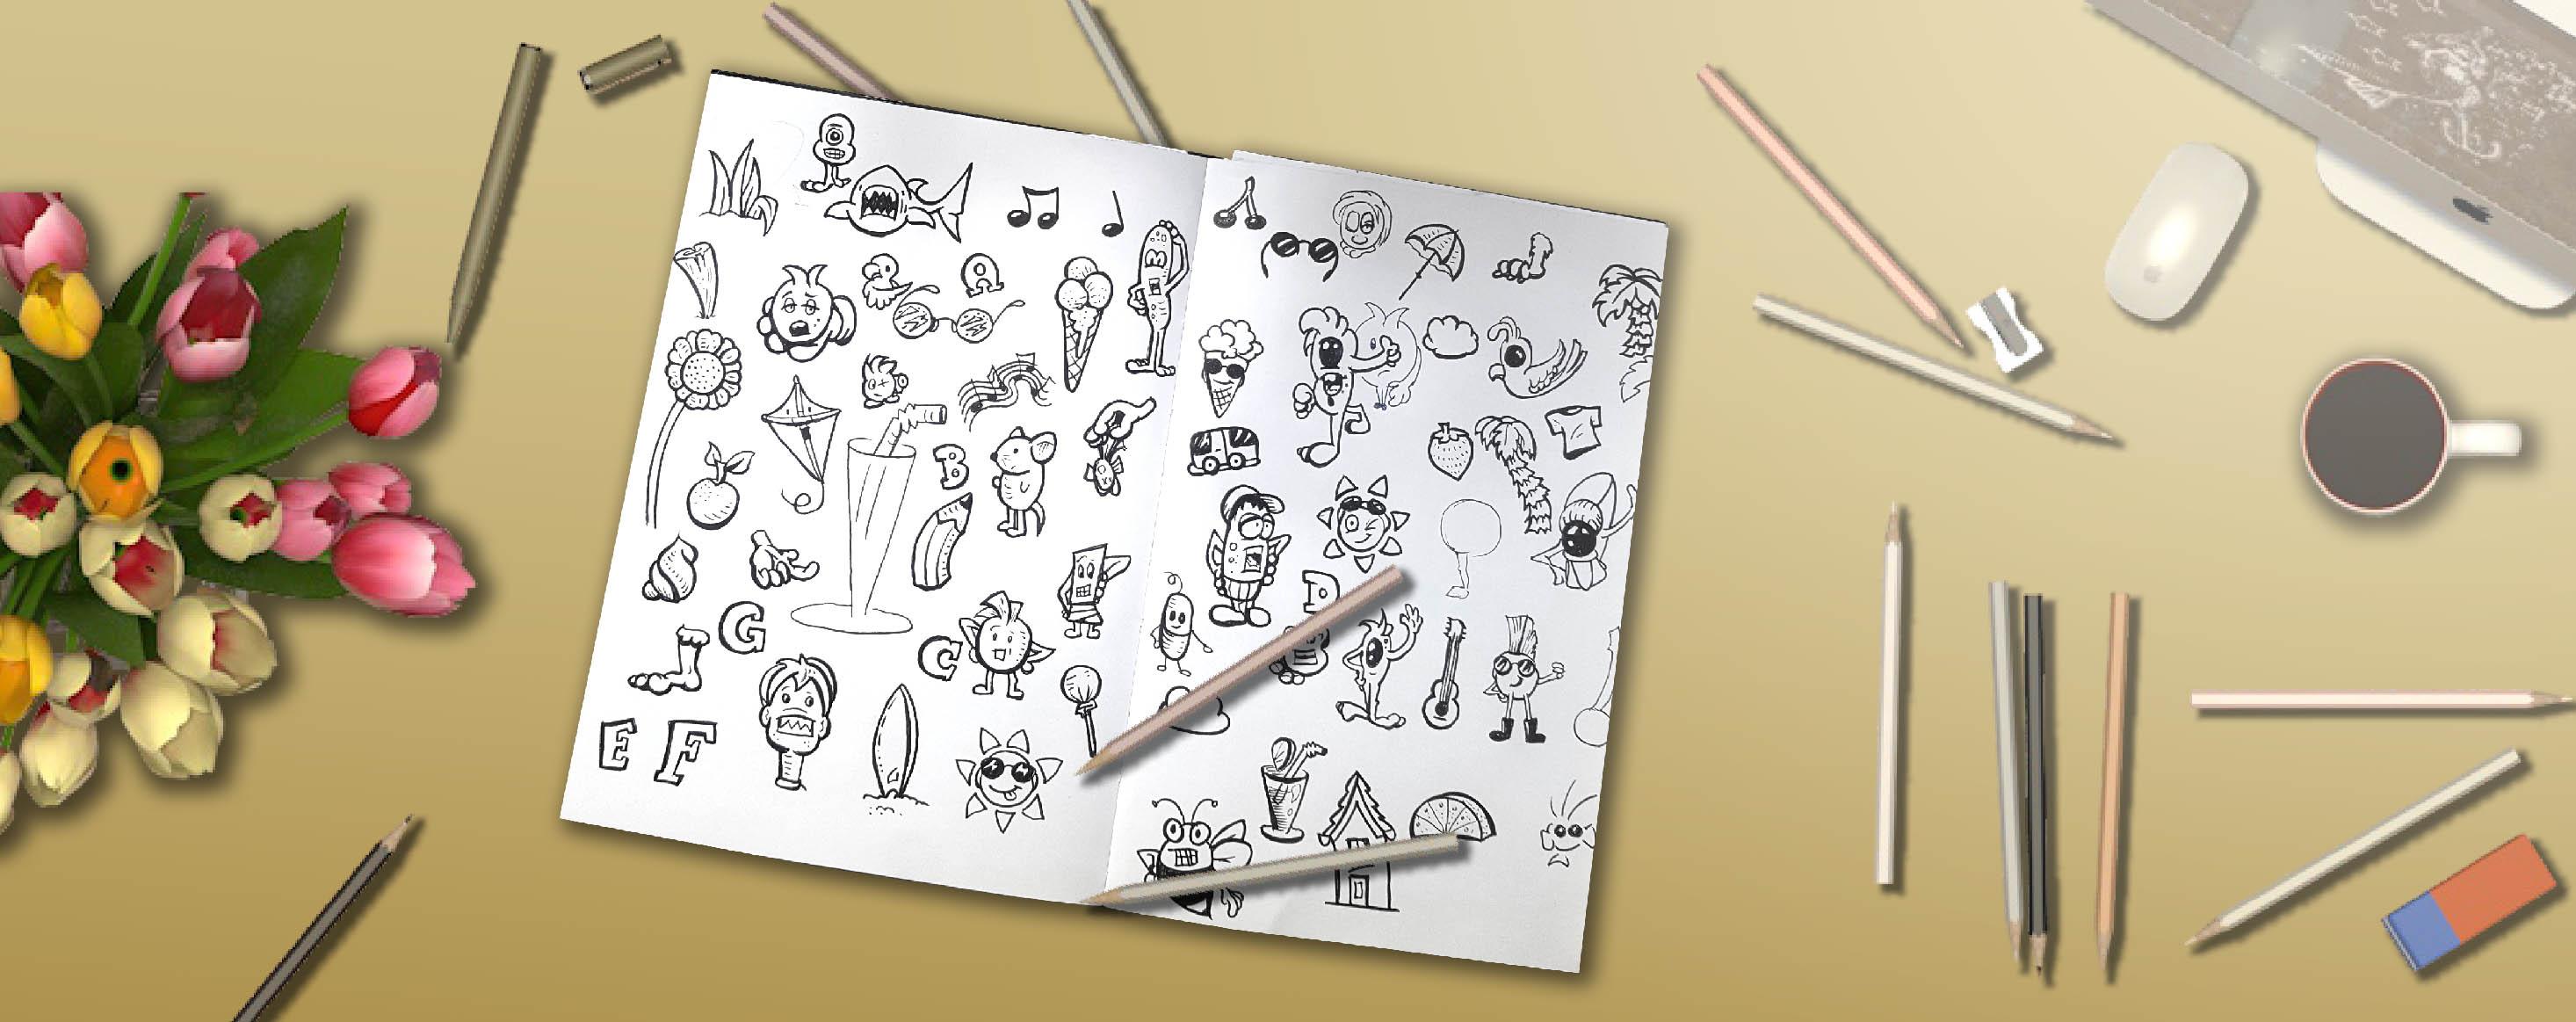 creatief-bureau-doodle-kunstjpg